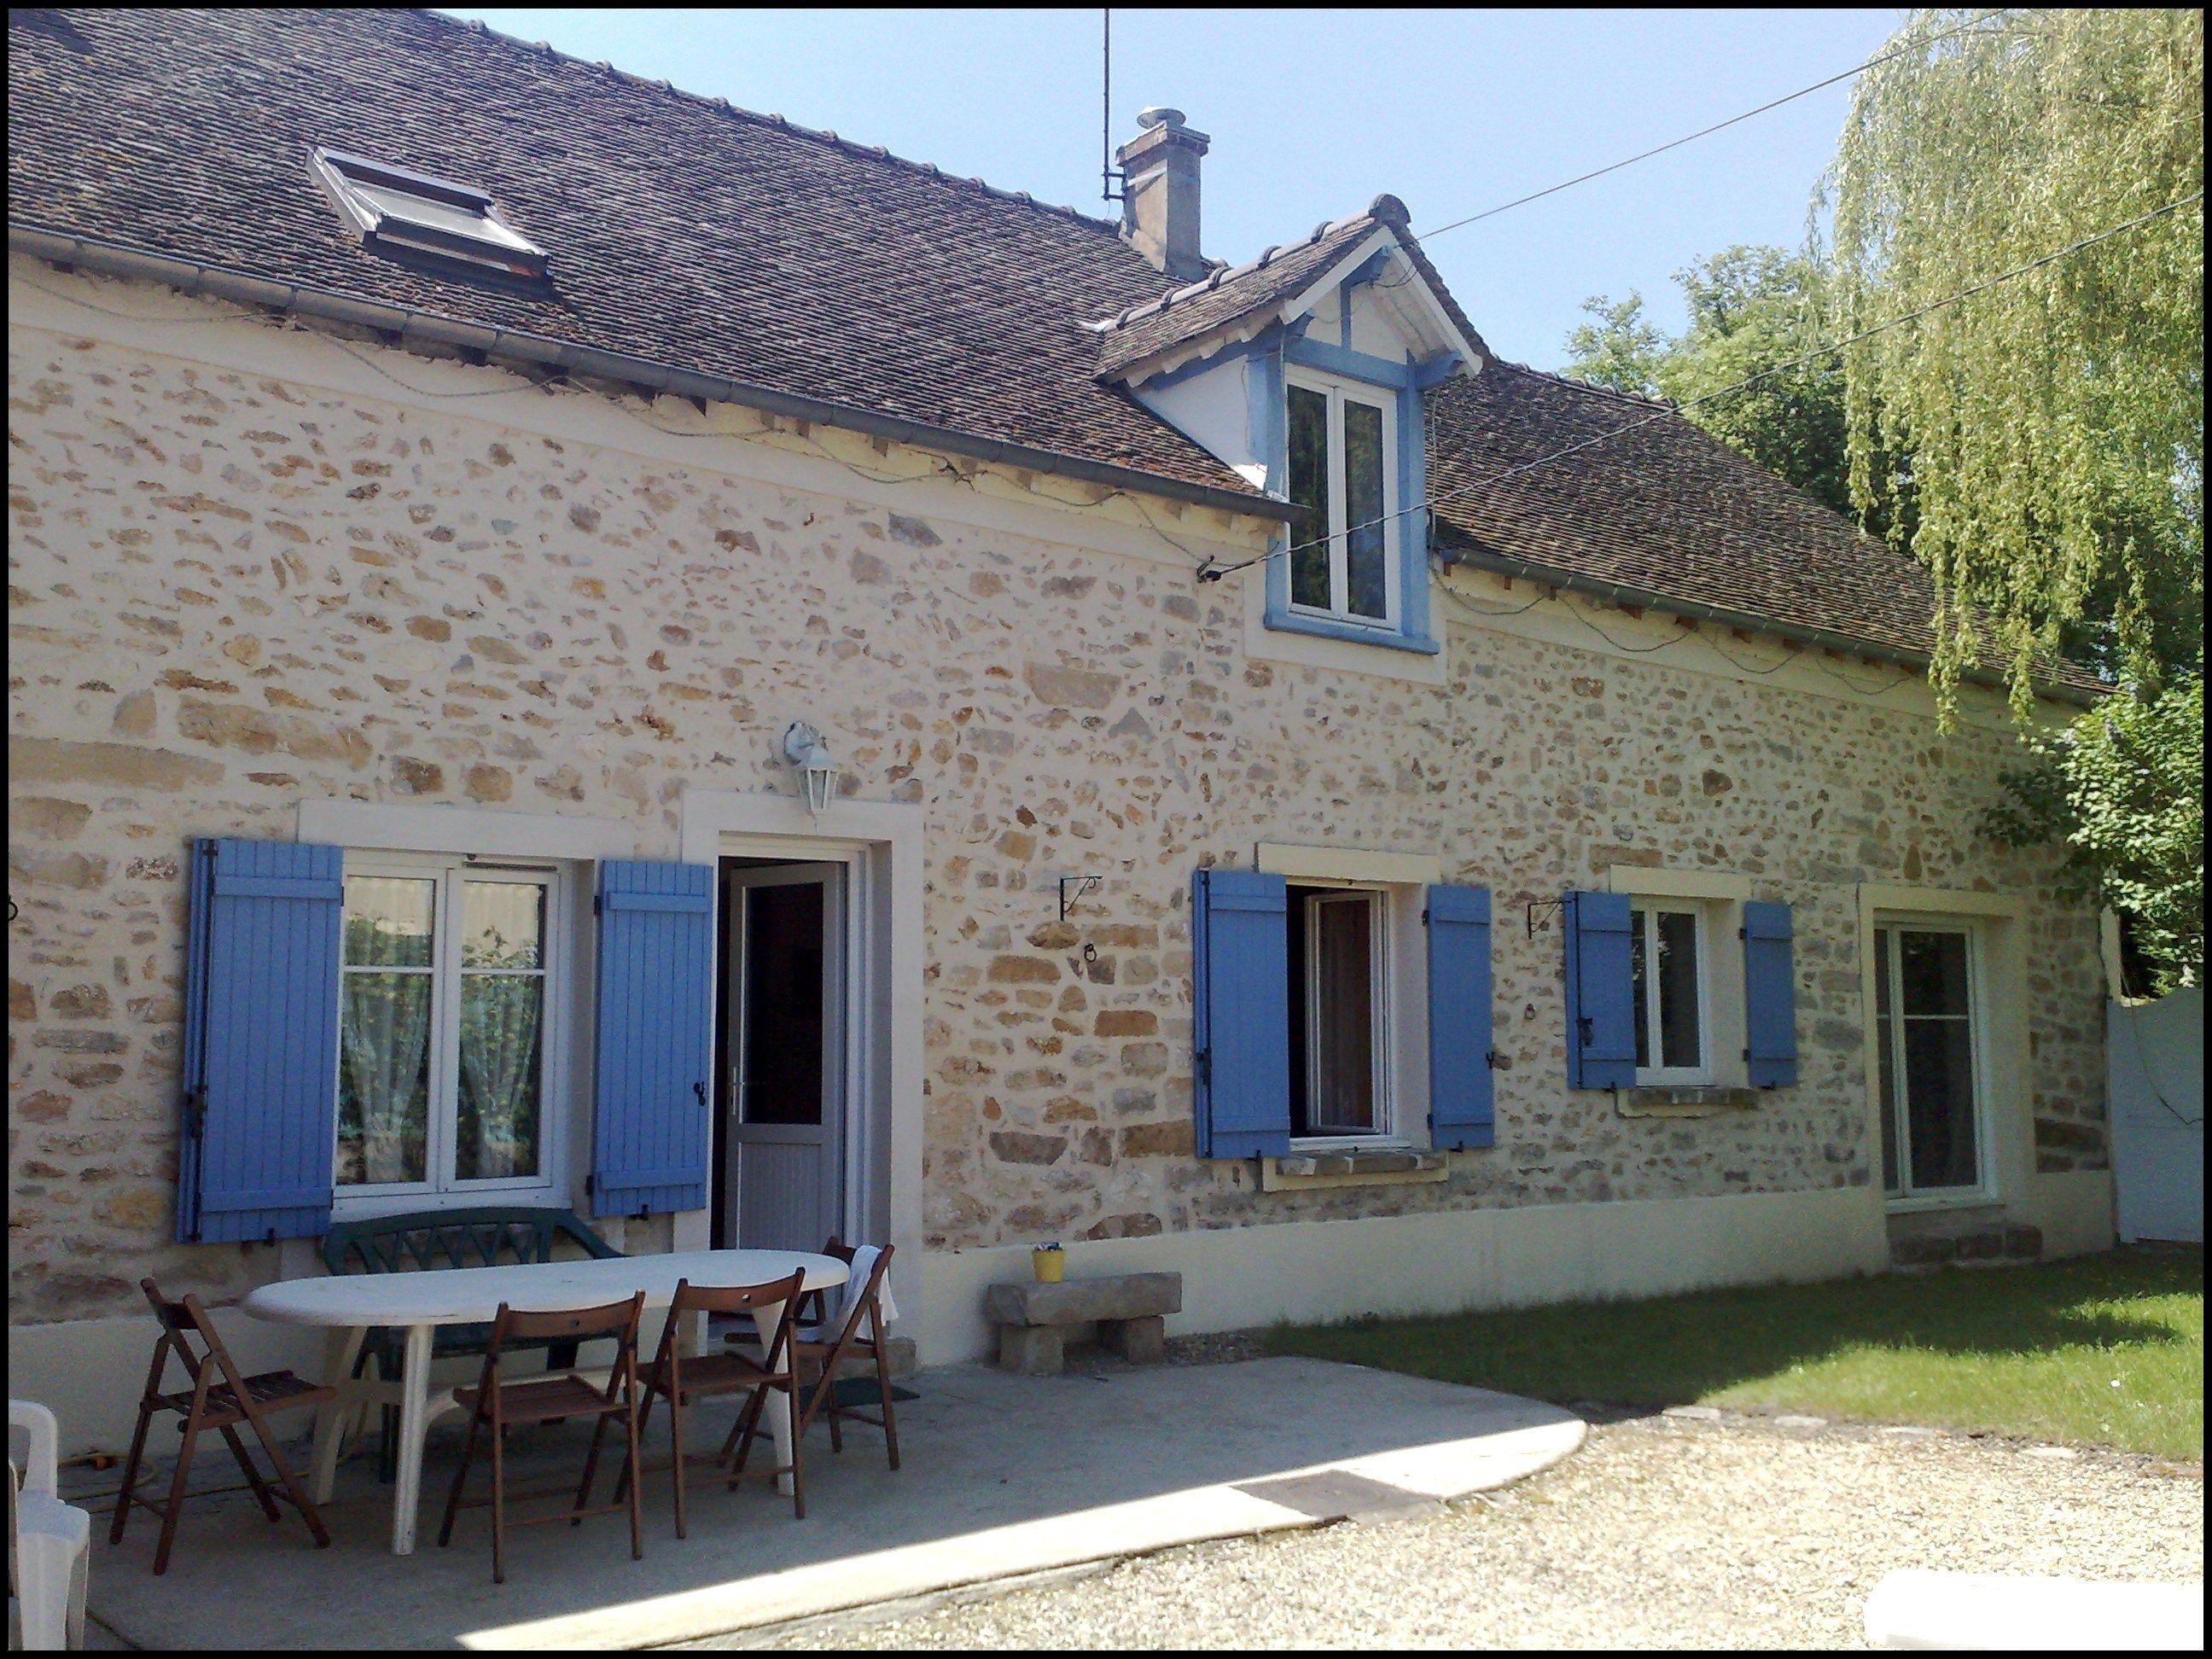 New Le Bon Coin 12 Maison A Vendre   Outdoor decor, Patio, Home